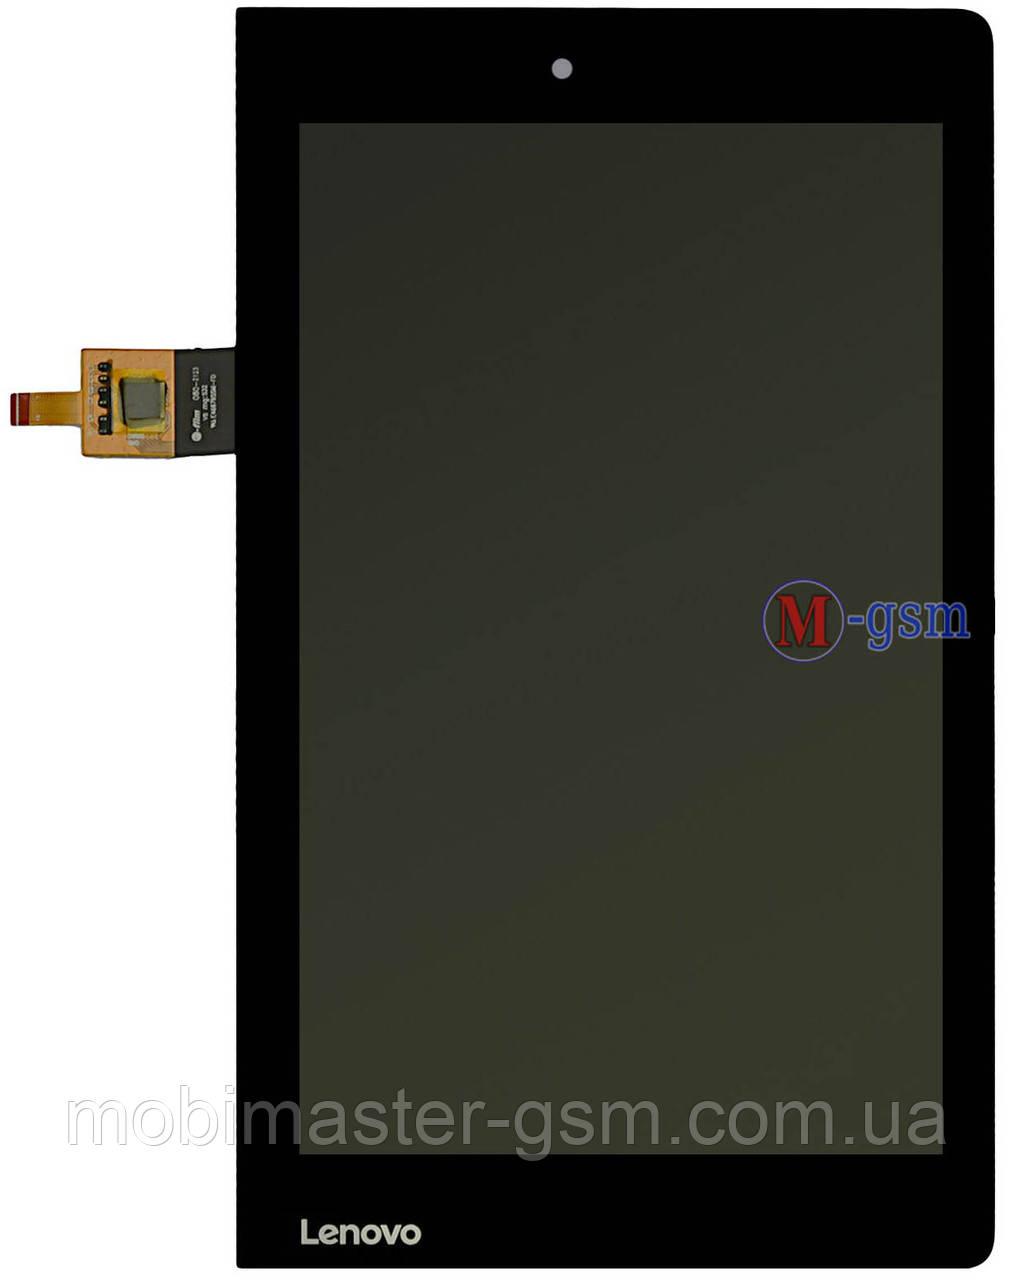 Дисплейный модуль Lenovo Yoga Tablet 3-850 черный